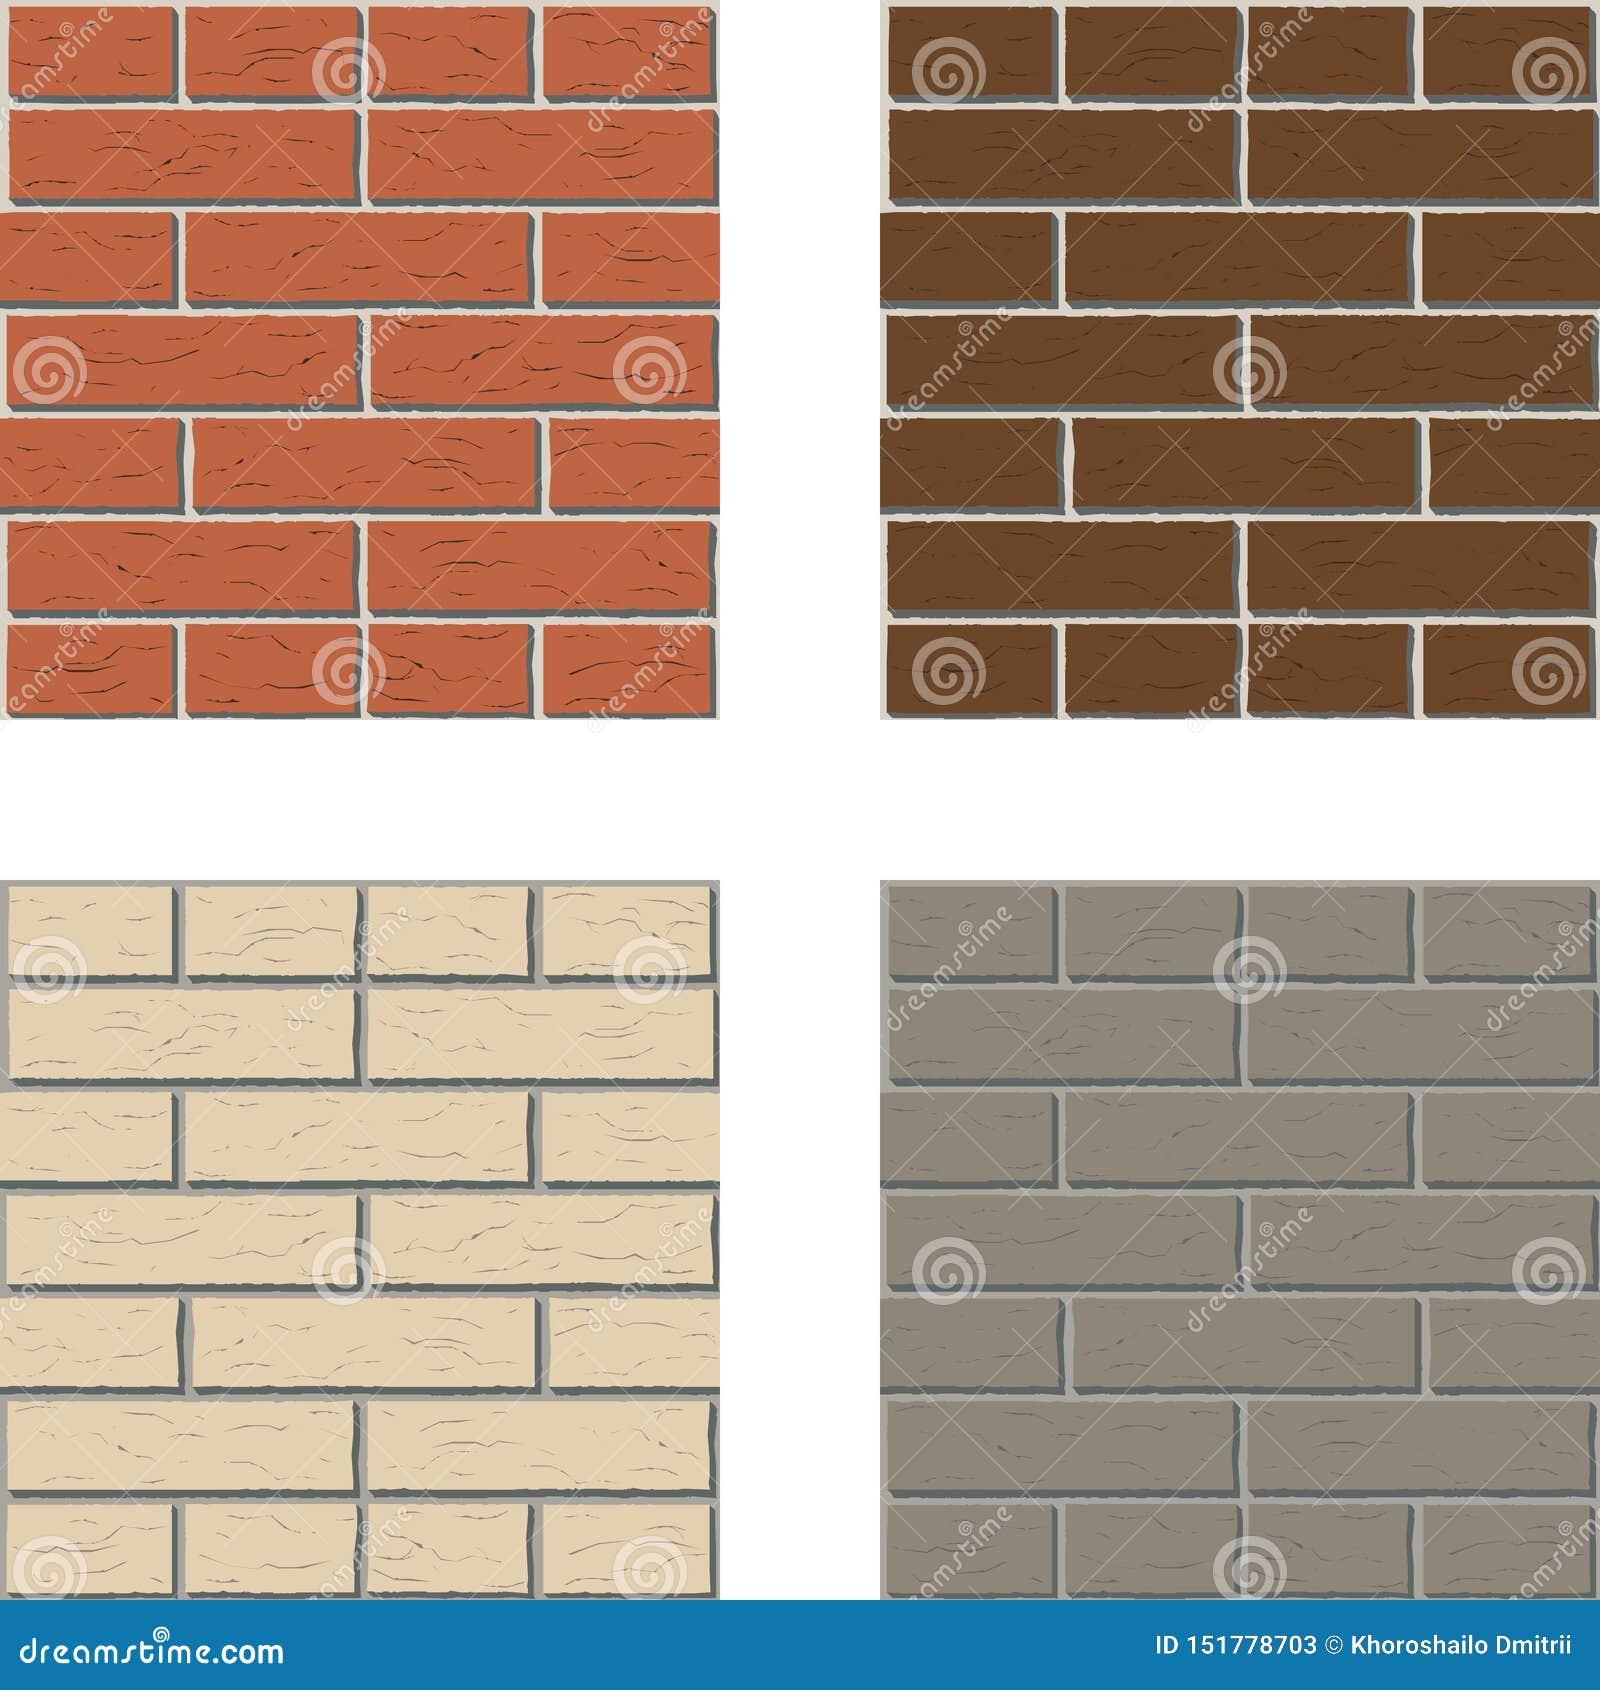 Graphique intérieur de mur de briques de modèle gris rouge-brun blanc de vecteur